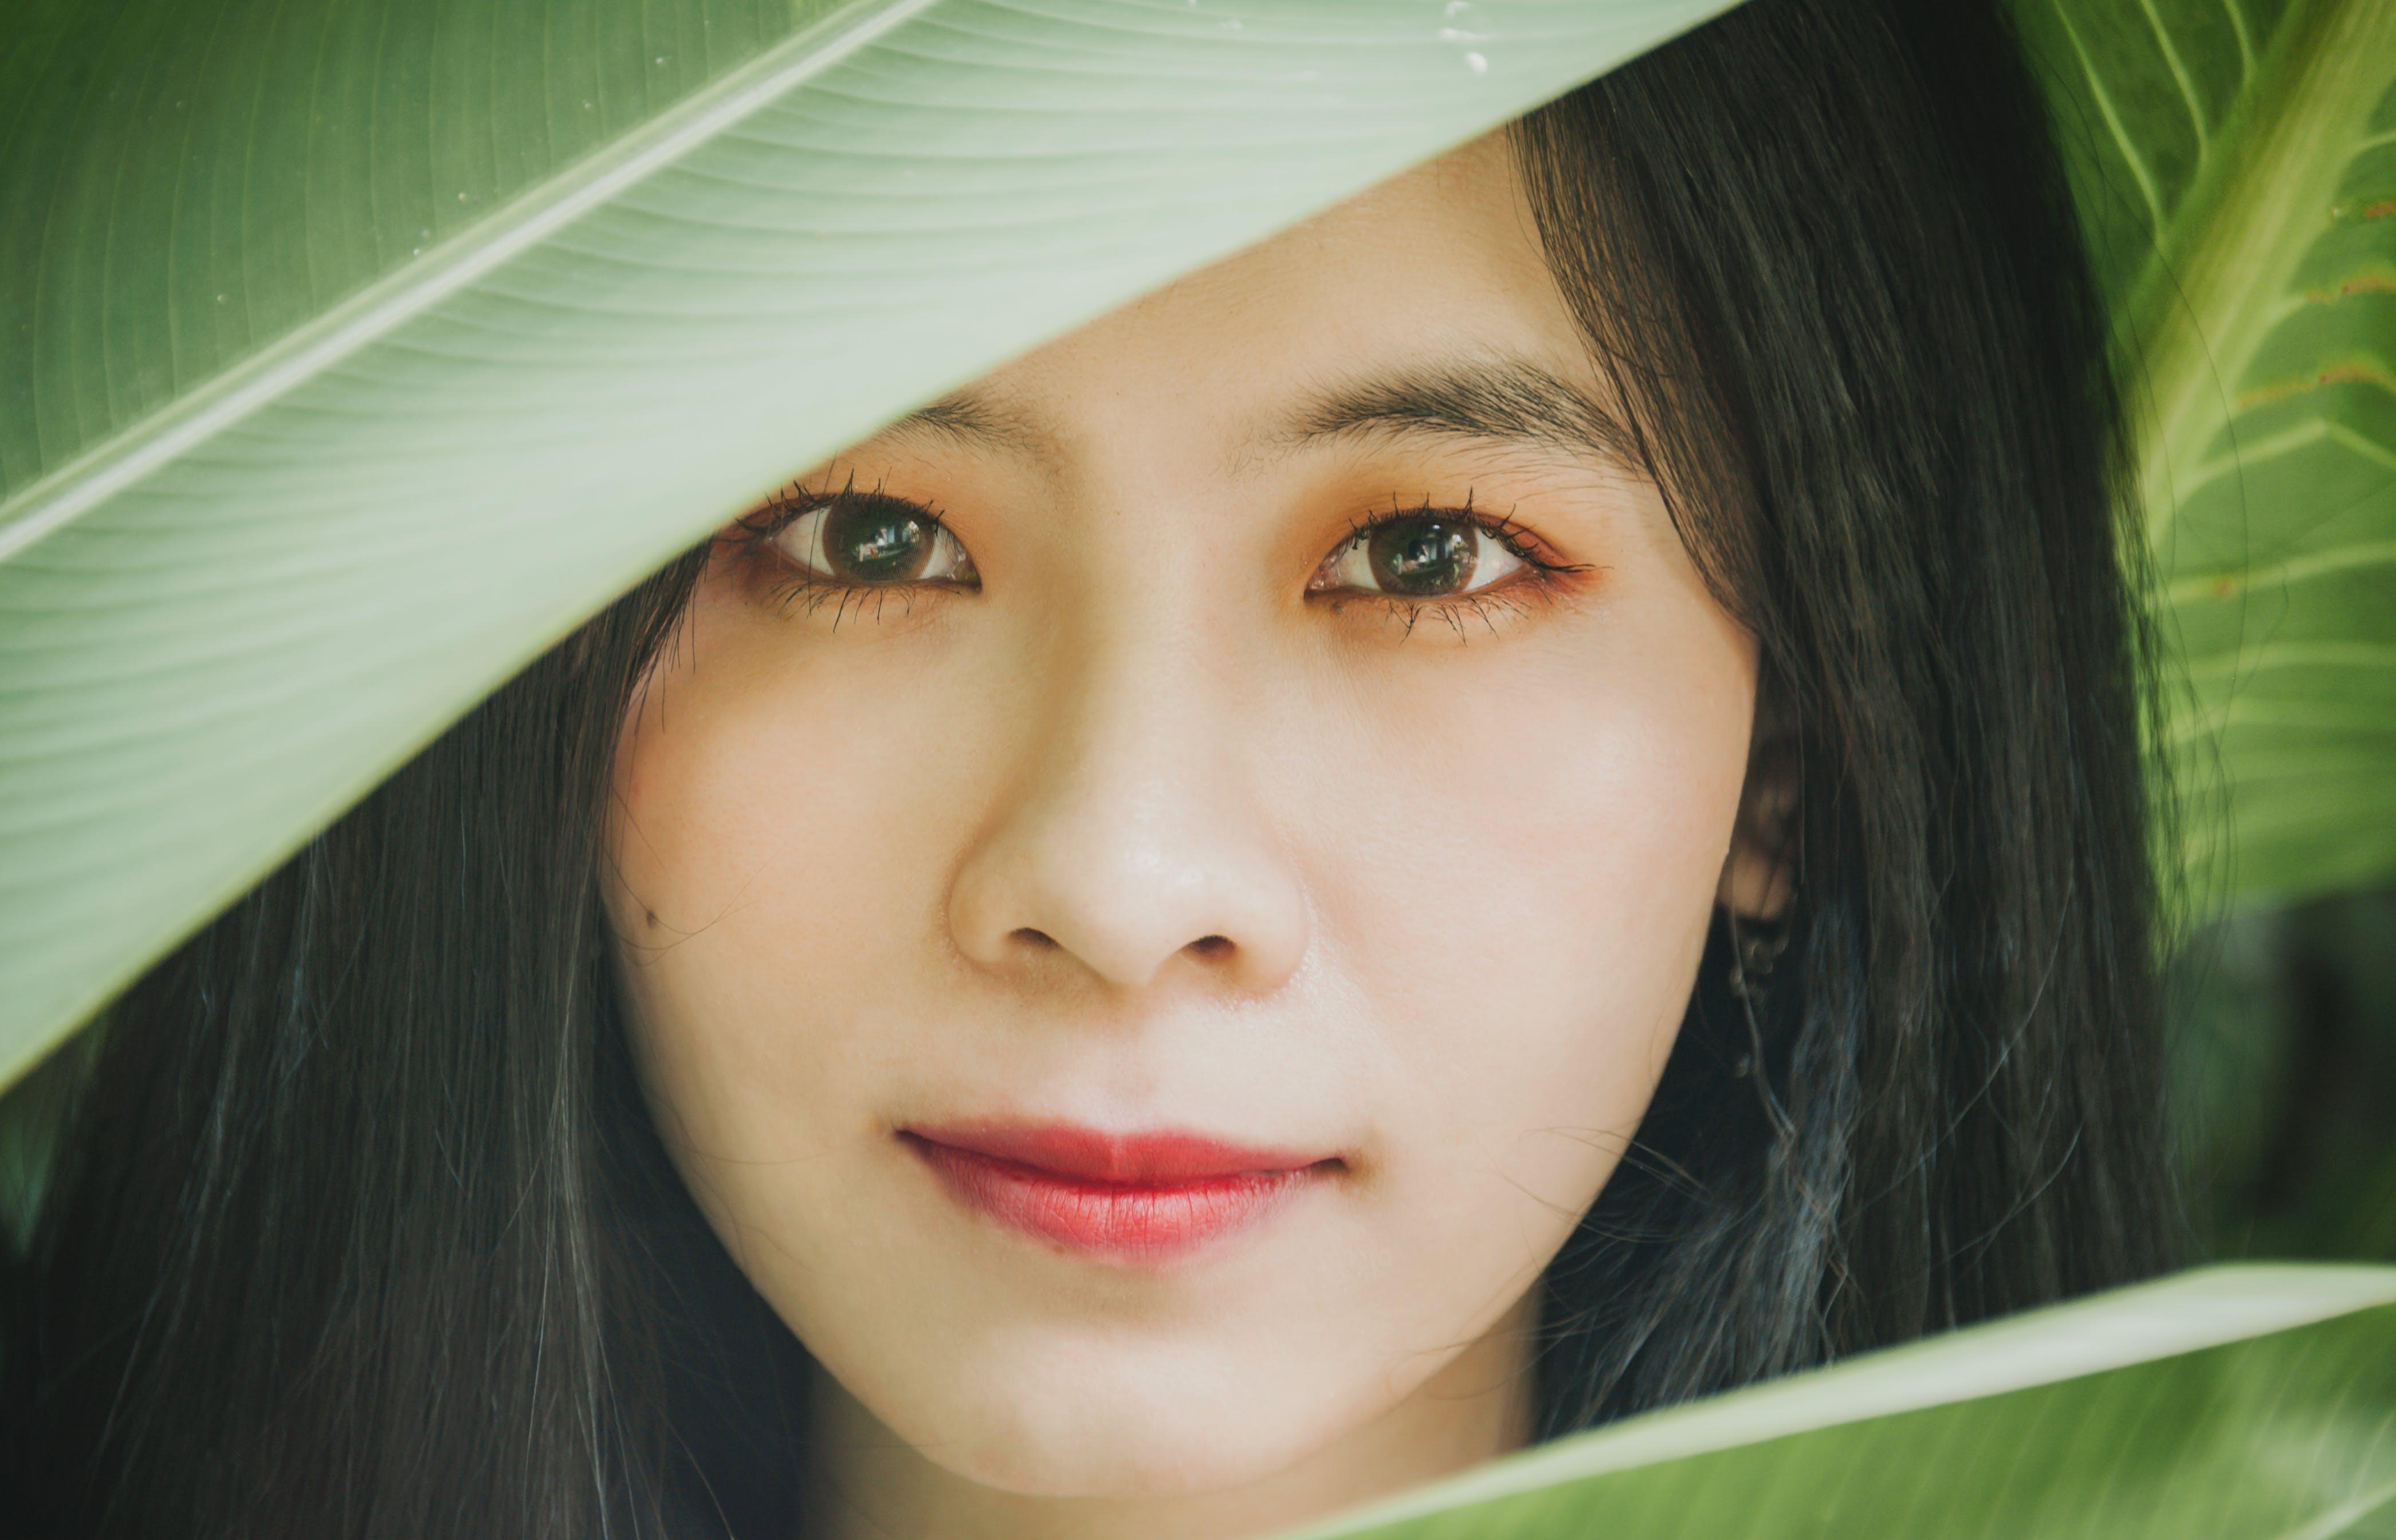 Kostenloses Stock Foto zu asiatische frau, attraktiv, augen, dame